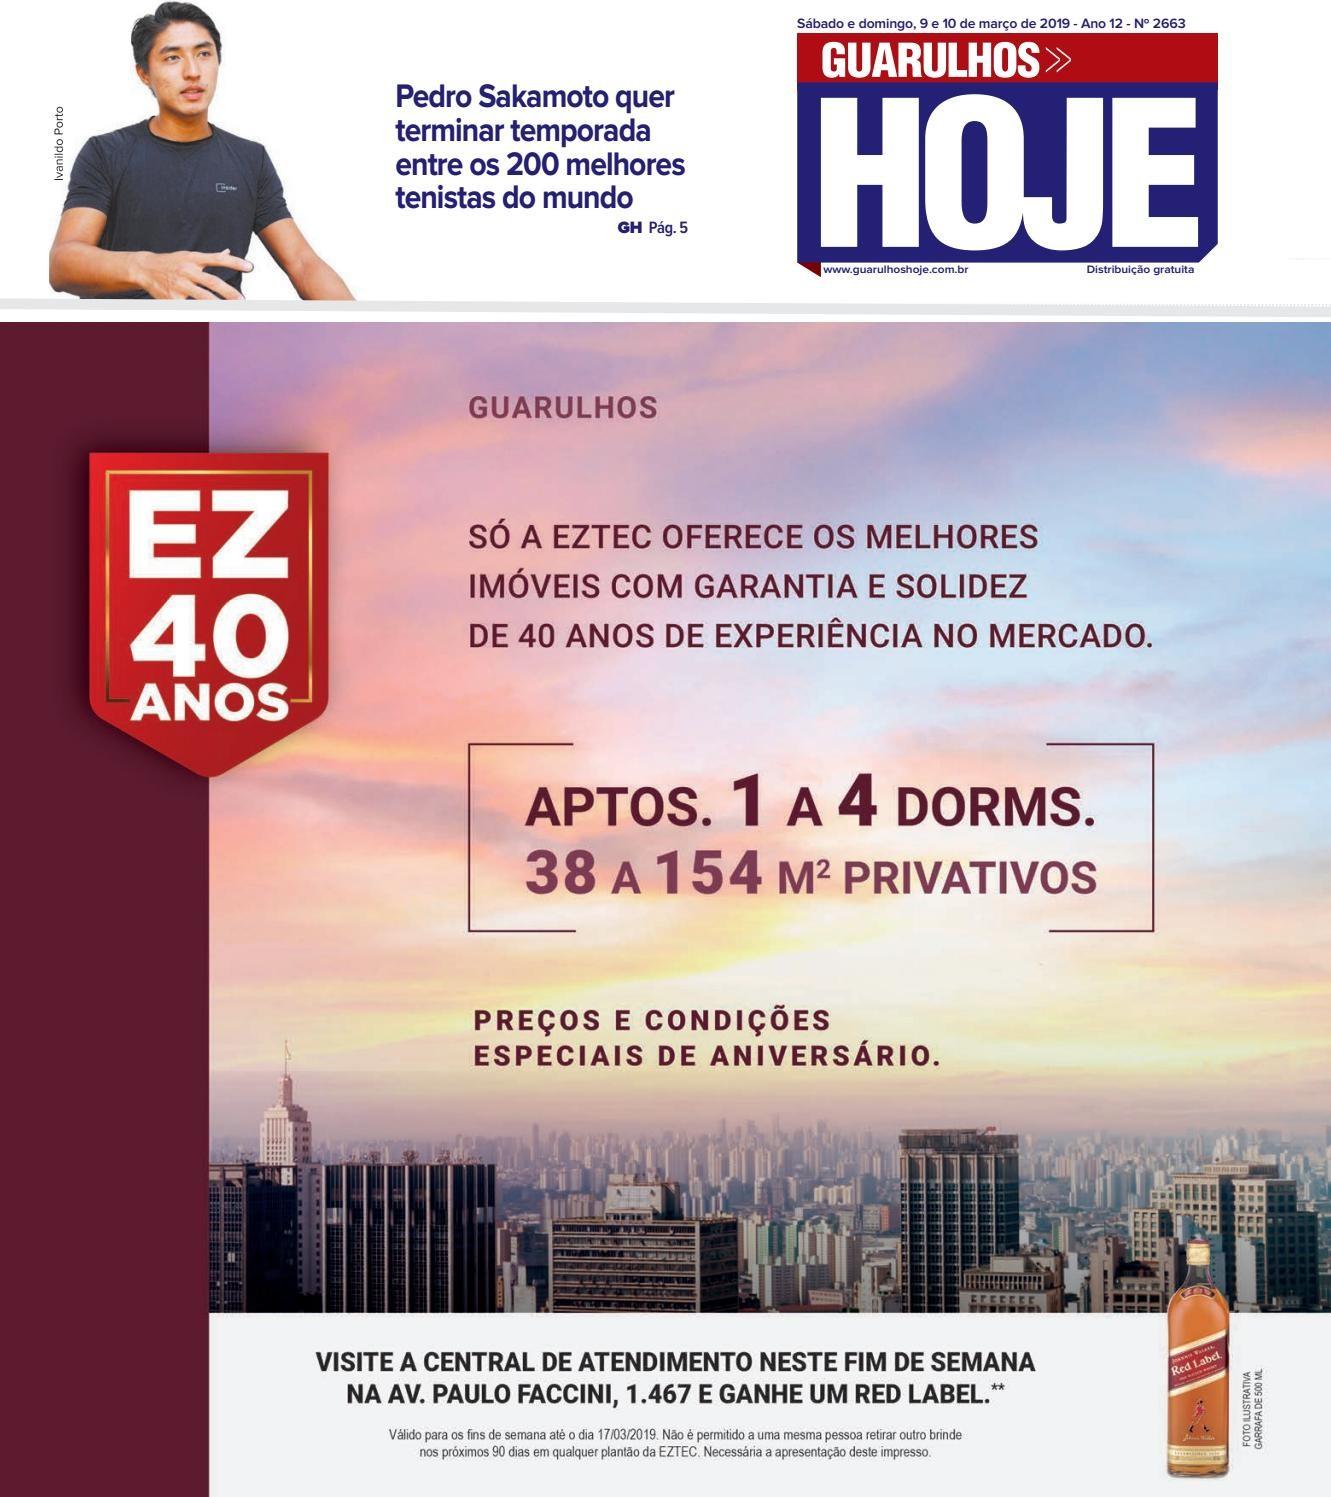 Calendario Escolar 2019 Goias Recientes Guarulhos Hoje 2663 9 E 10 03 2019 by Jornal Guarulhos Hoje issuu Of Calendario Escolar 2019 Goias Actual Kalender 2019 2020 Hessen